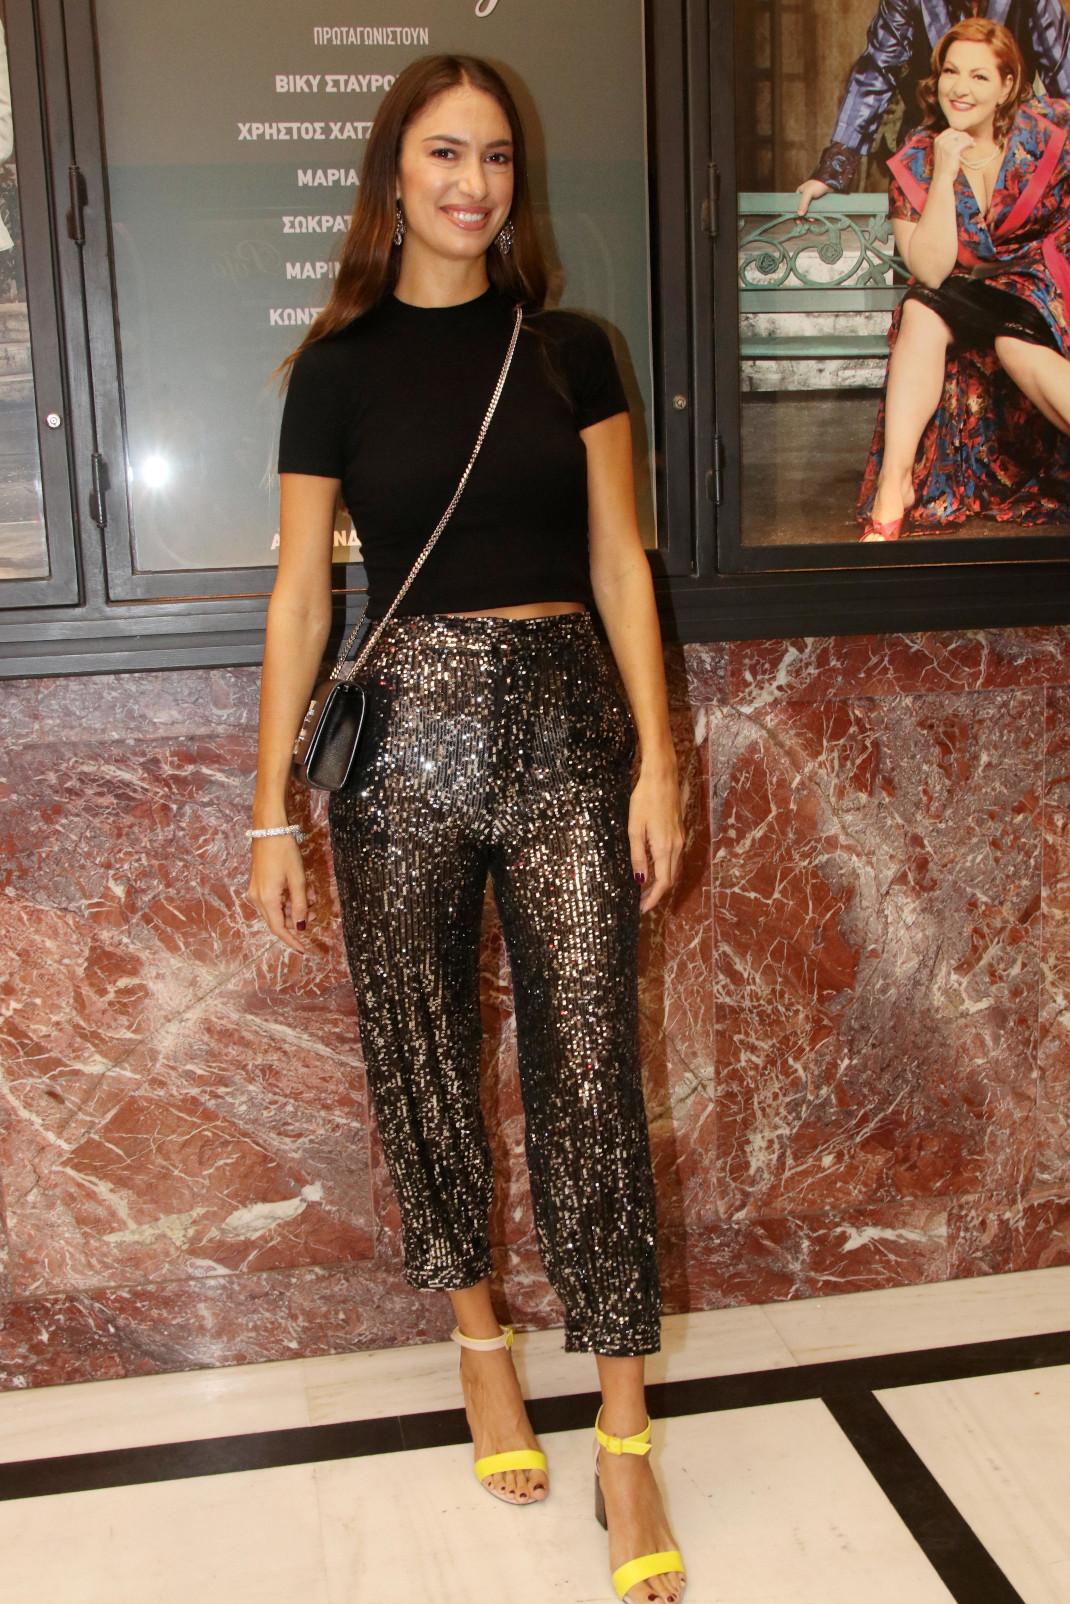 Η Αννα Πρέλεβιτς είναι ένα από τα πιο φρέσκα και χαμογελαστά πρόσωπα στο χώρο της ελληνικής μόδας και ομορφιάς